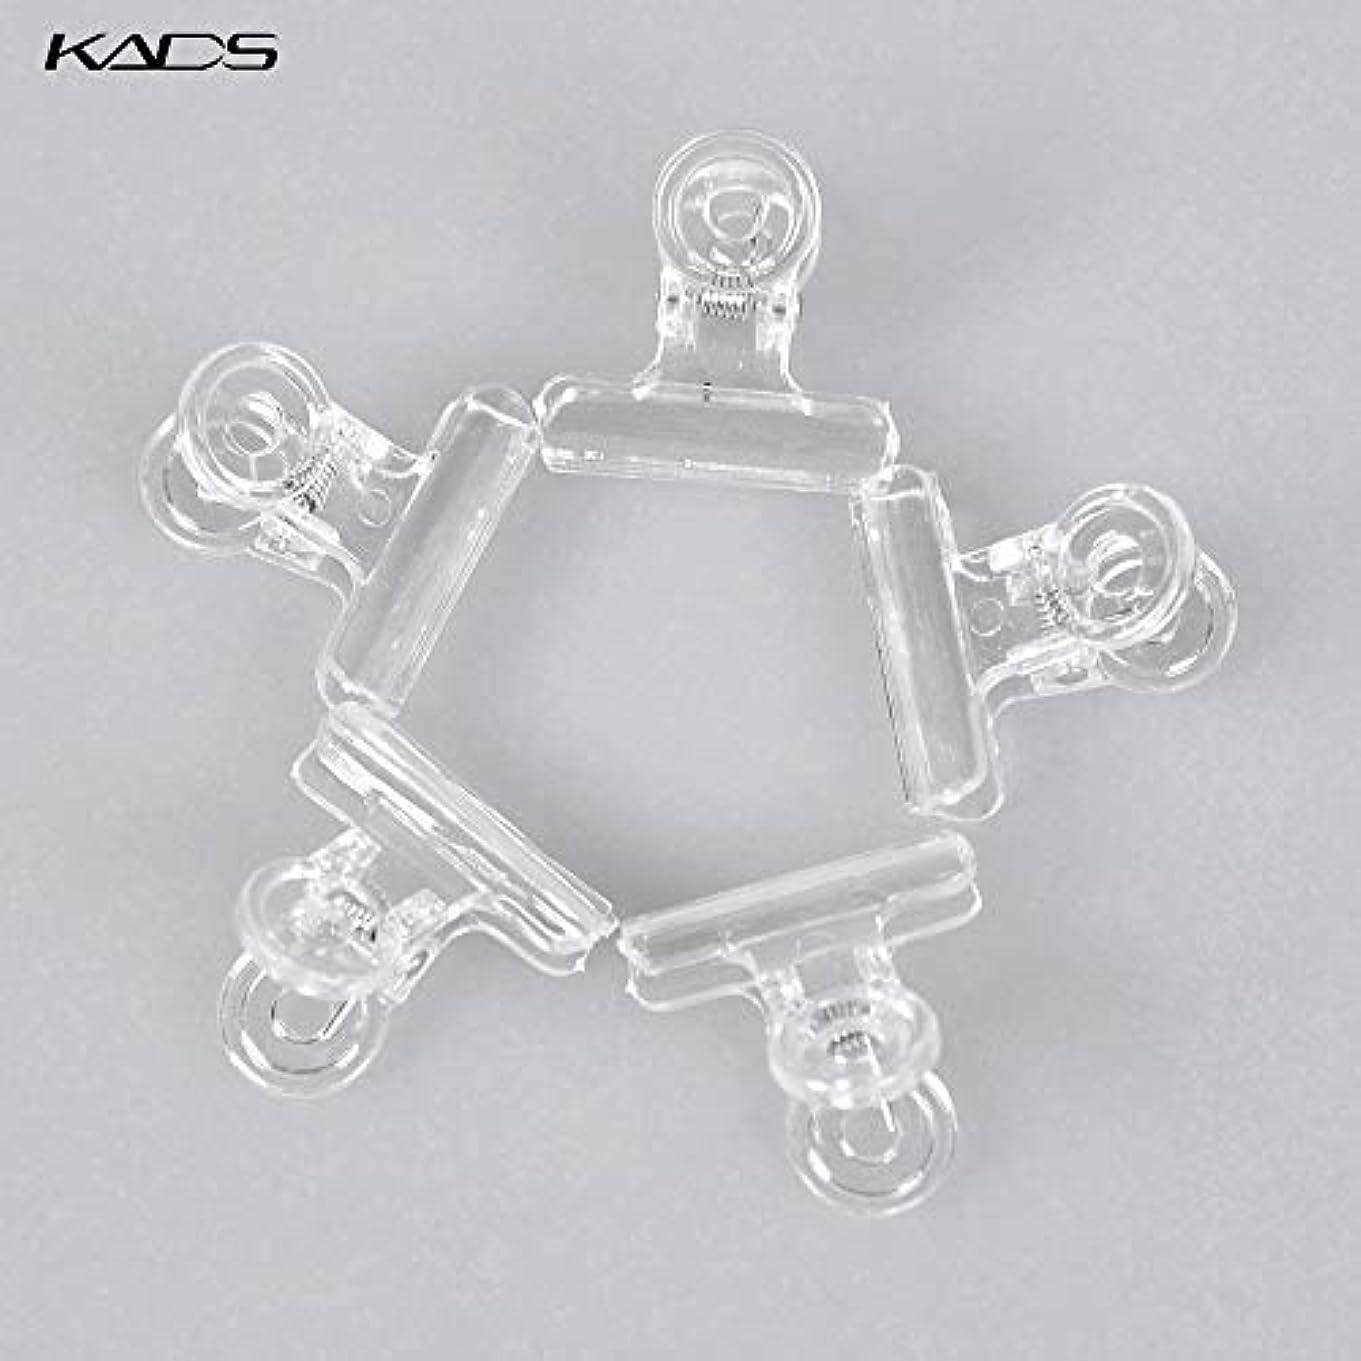 十類推特殊KADS ネイルクリップ ネイルエクステンションクリップ プラスチック製 ネイルアート用品 (クリア)